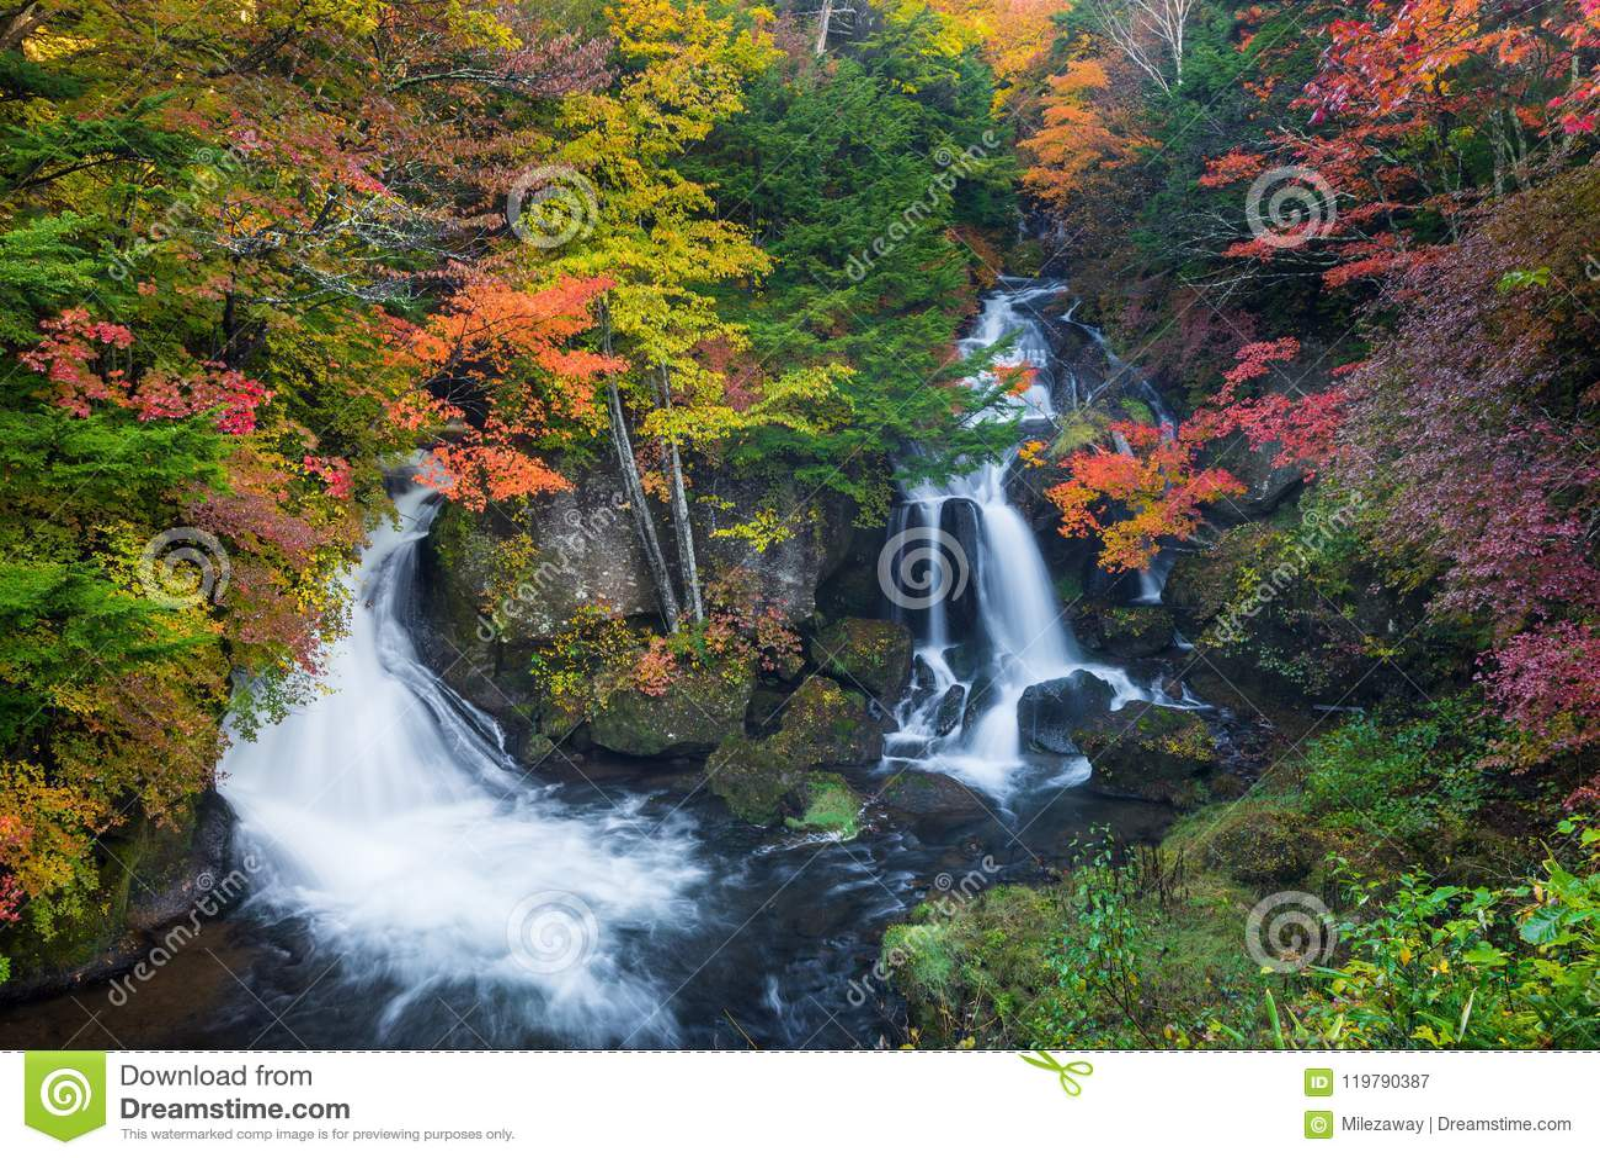 Ryuzu vattenfall i höst den mest favoriten för turist i Nikko,